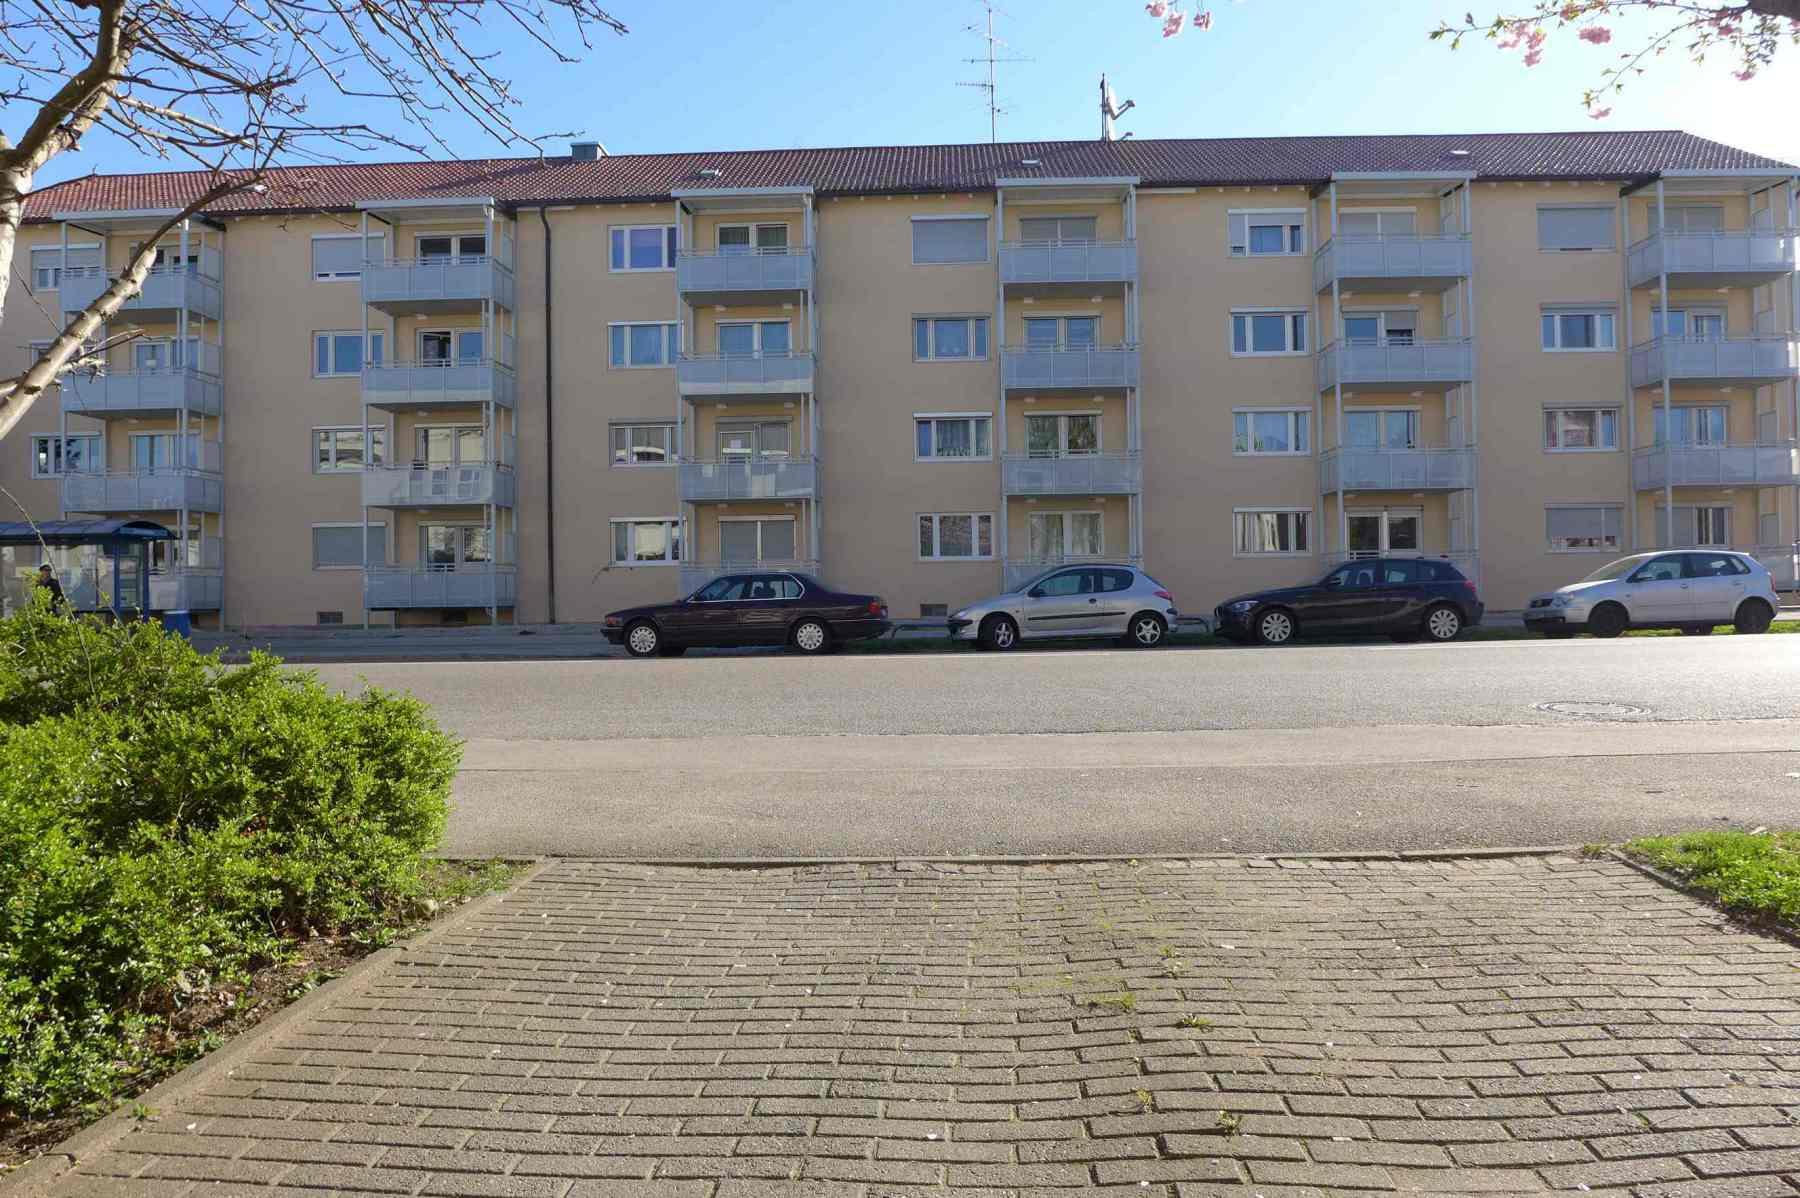 Balkonerneuerung-Muenchen-48